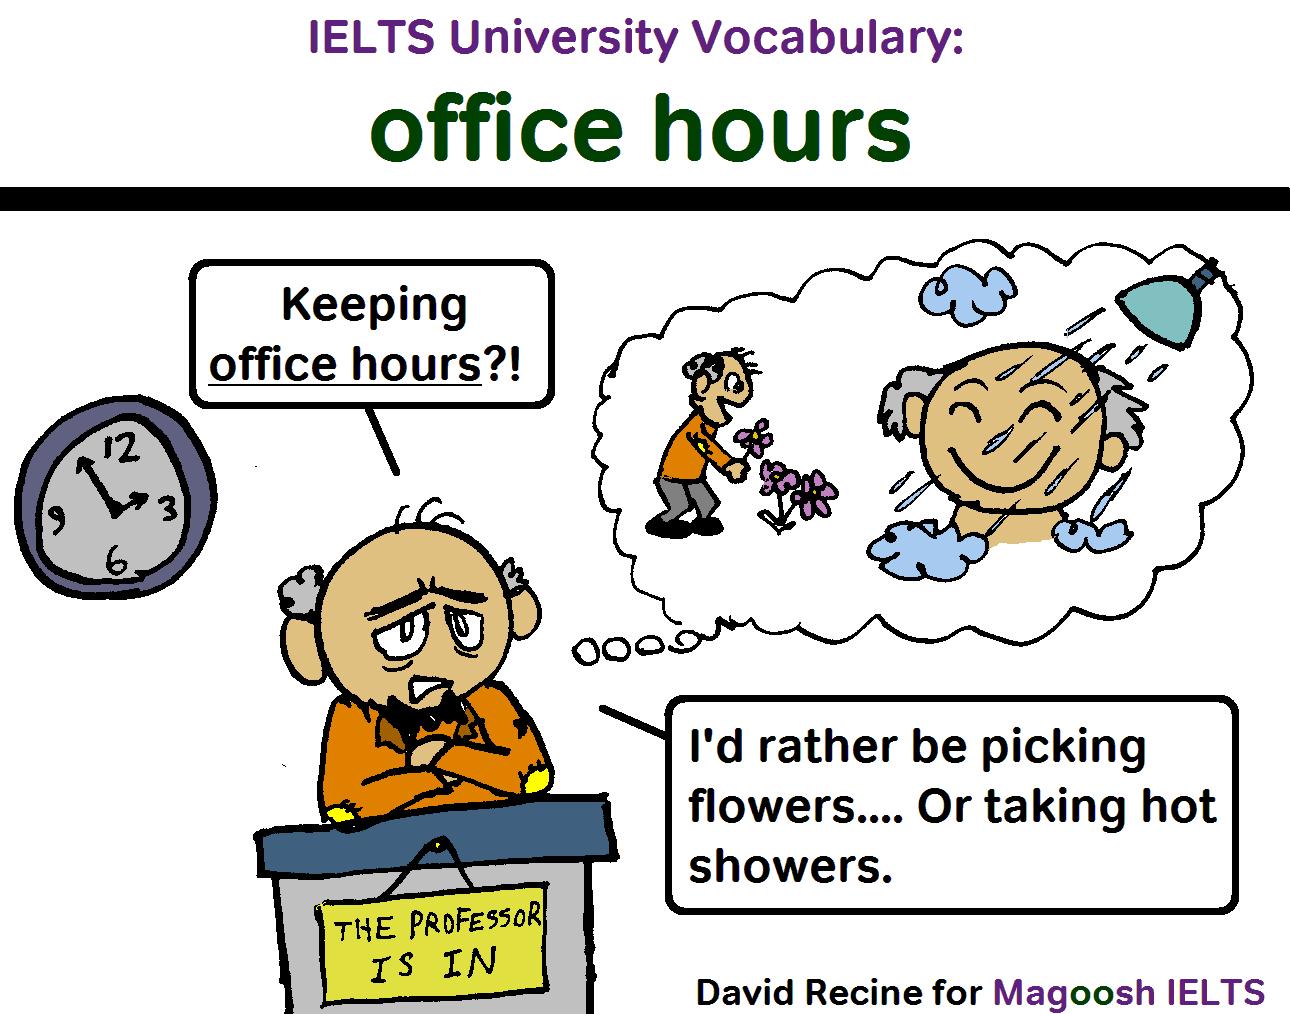 Magoosh Comics Ielts University Vocabulary Part 3